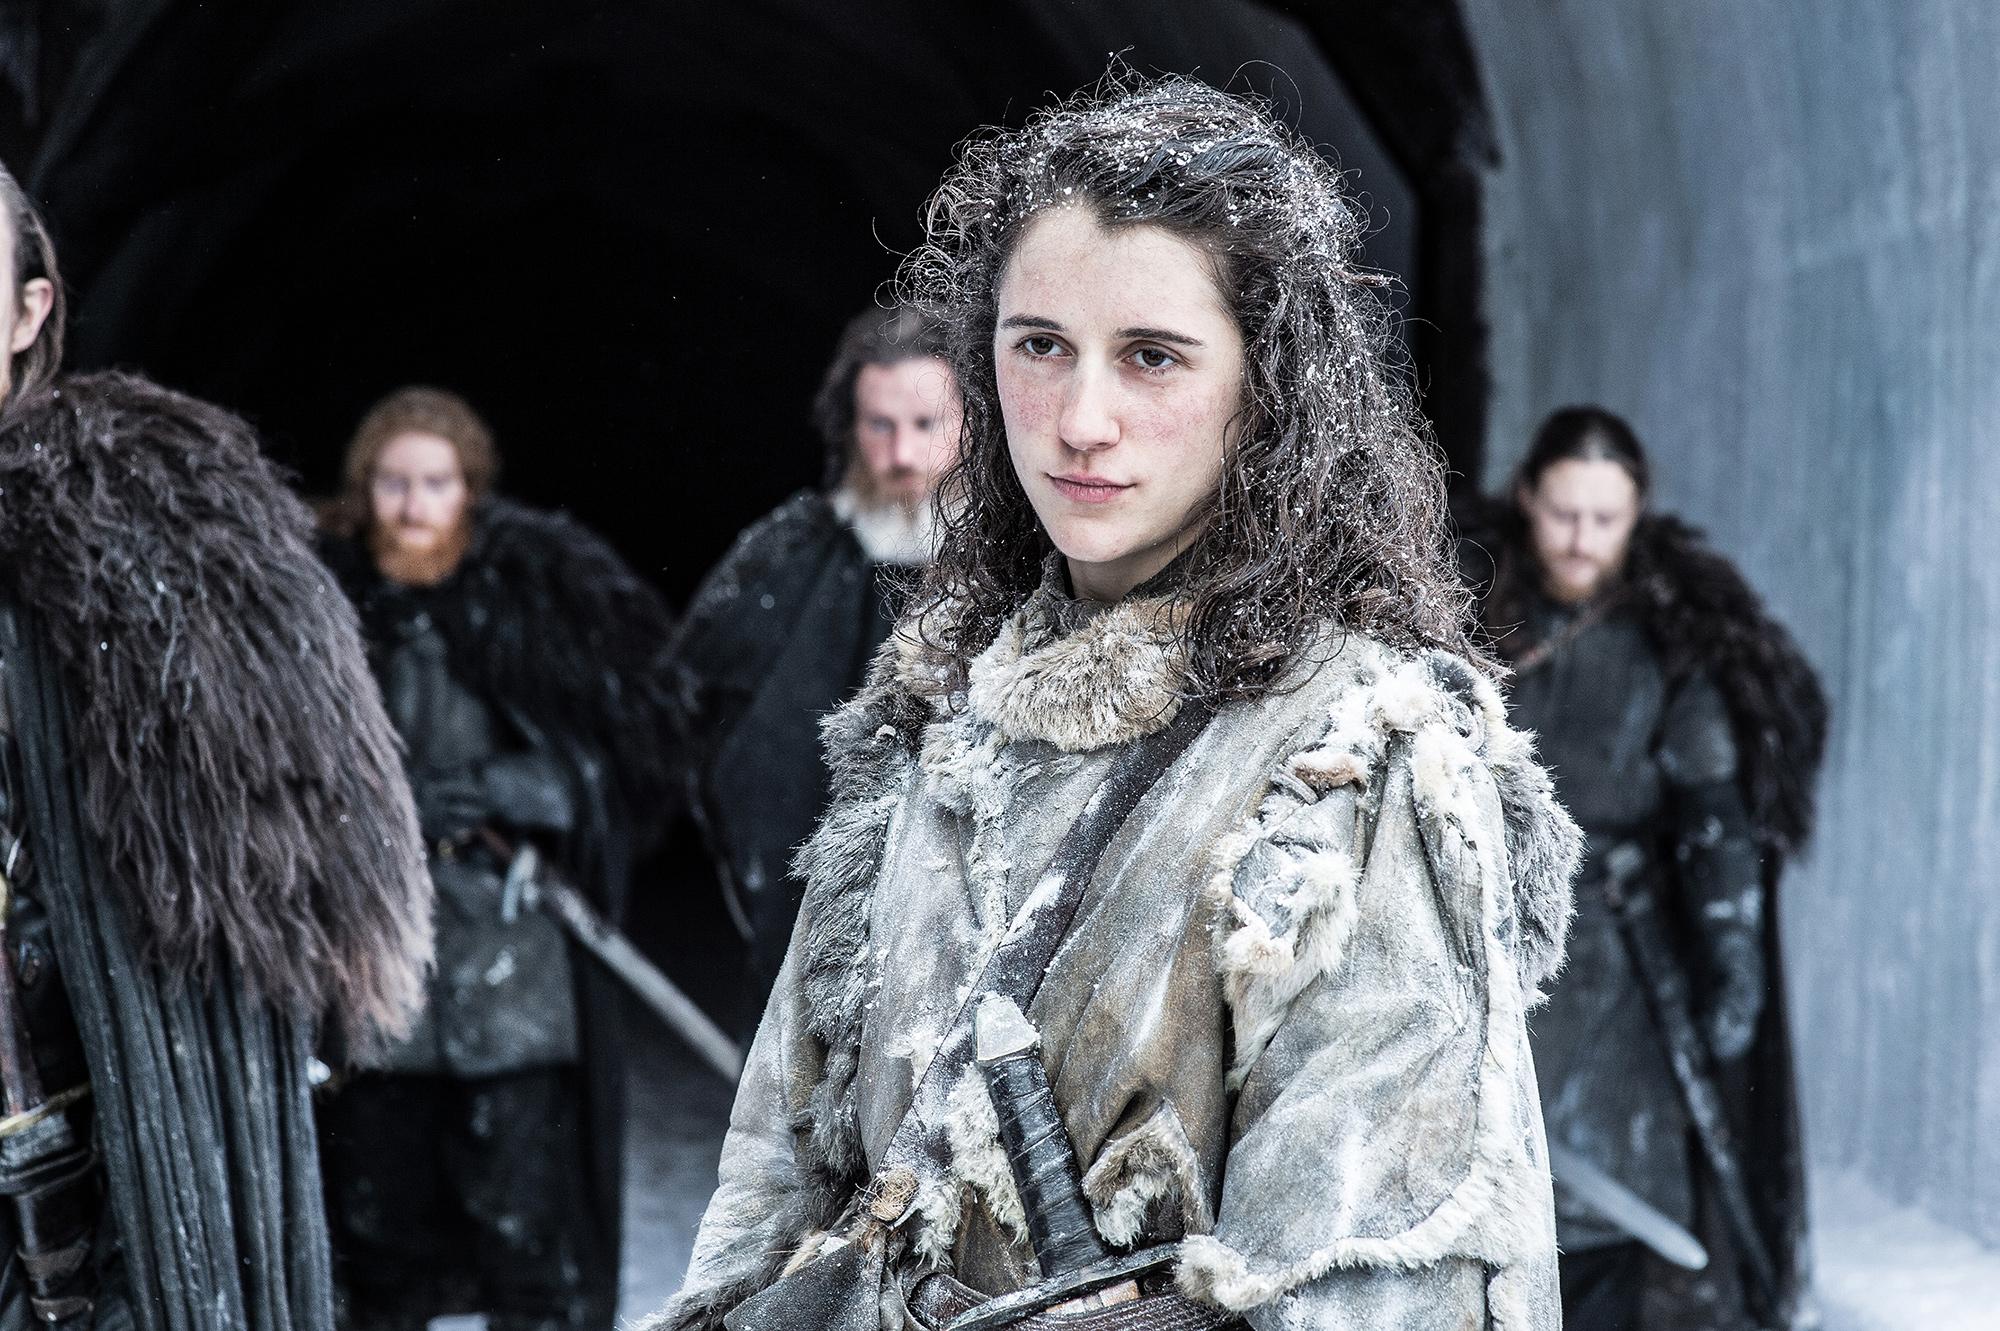 Ellie Kendrick in Game of Thrones